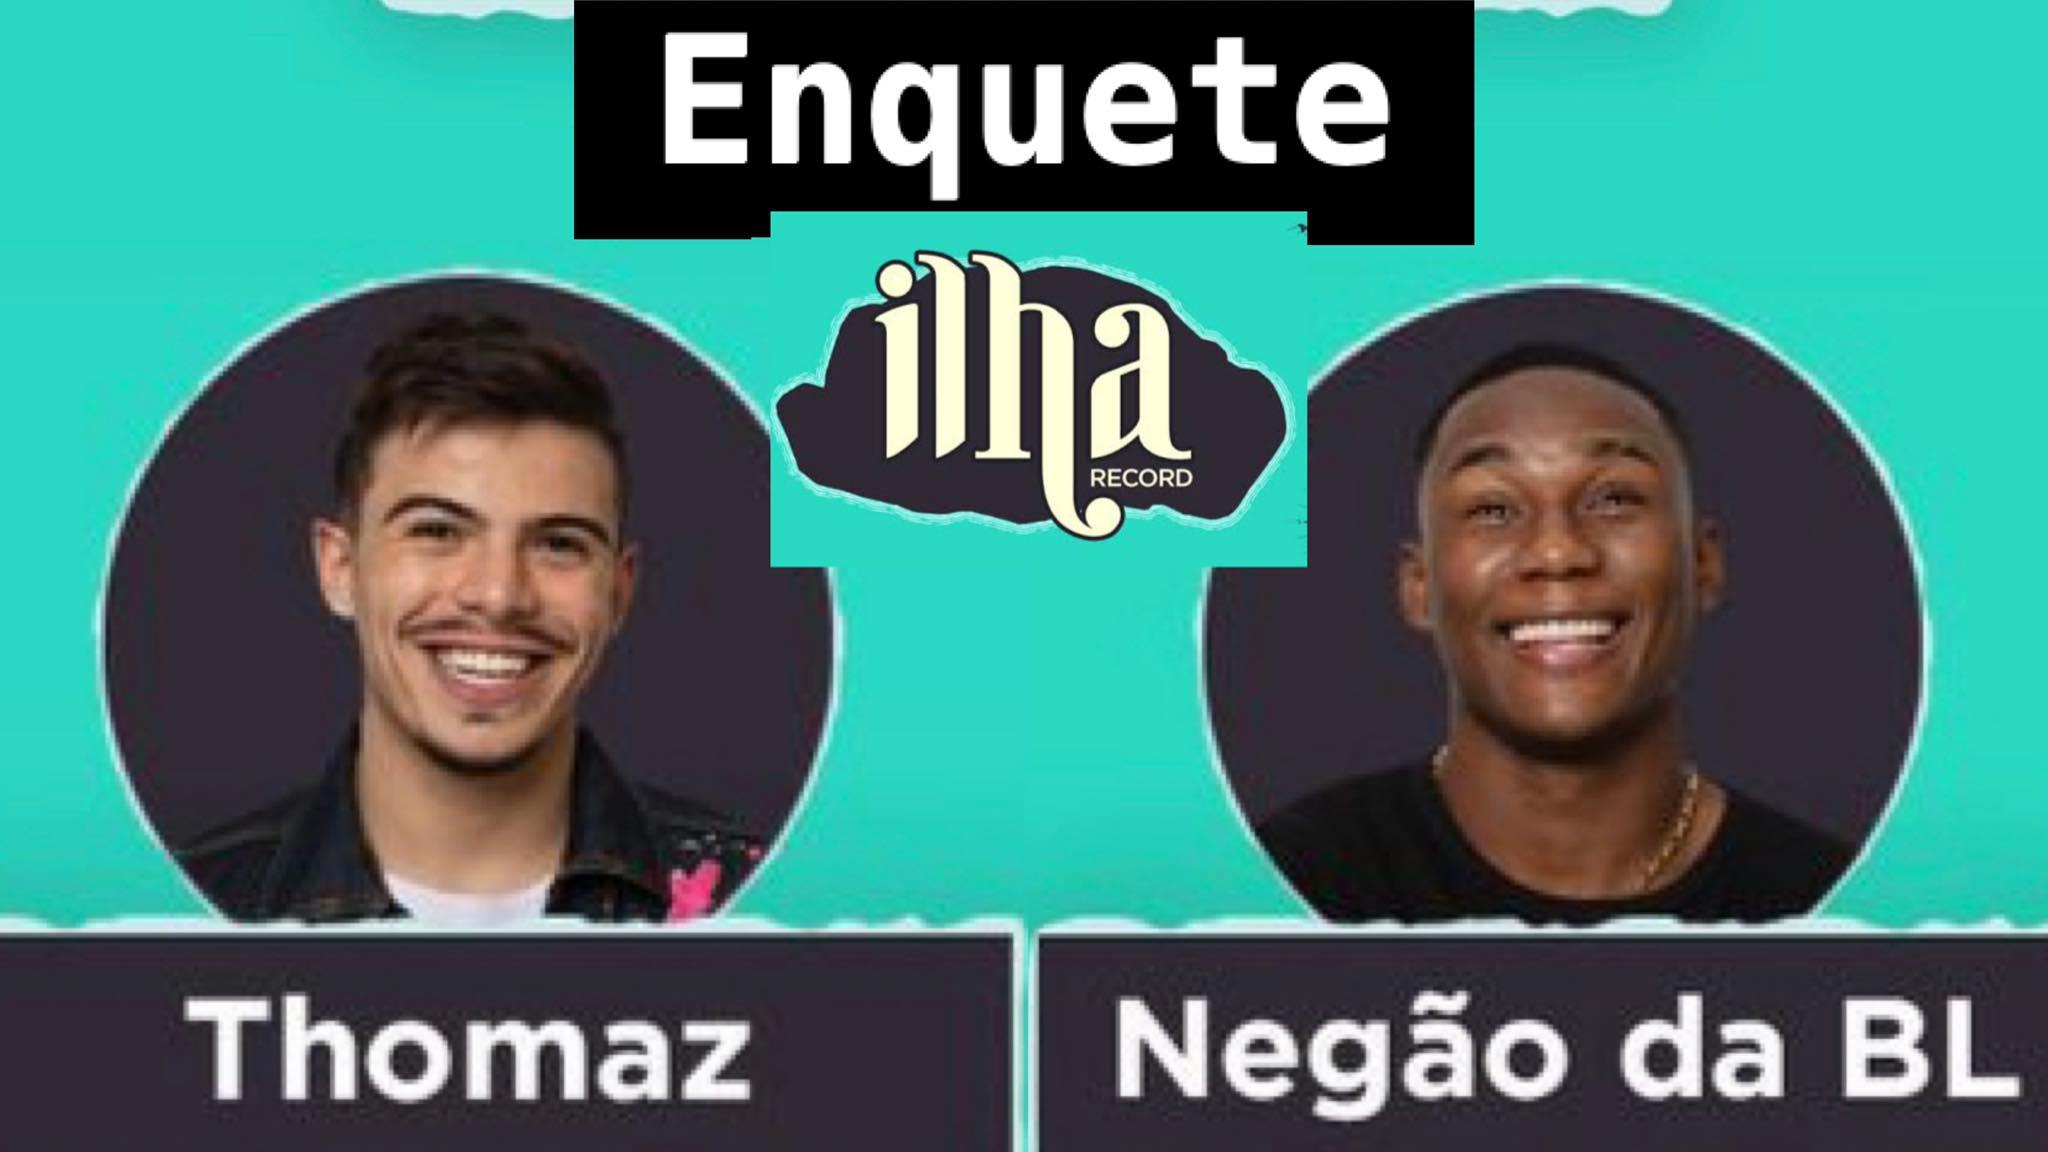 Thomaz Costa e MC Negão da BL estão na área de risco. Dessa forma, vote em nossa Enquete Ilha Record. Fonte: Montagem/ Fashion Bubbles